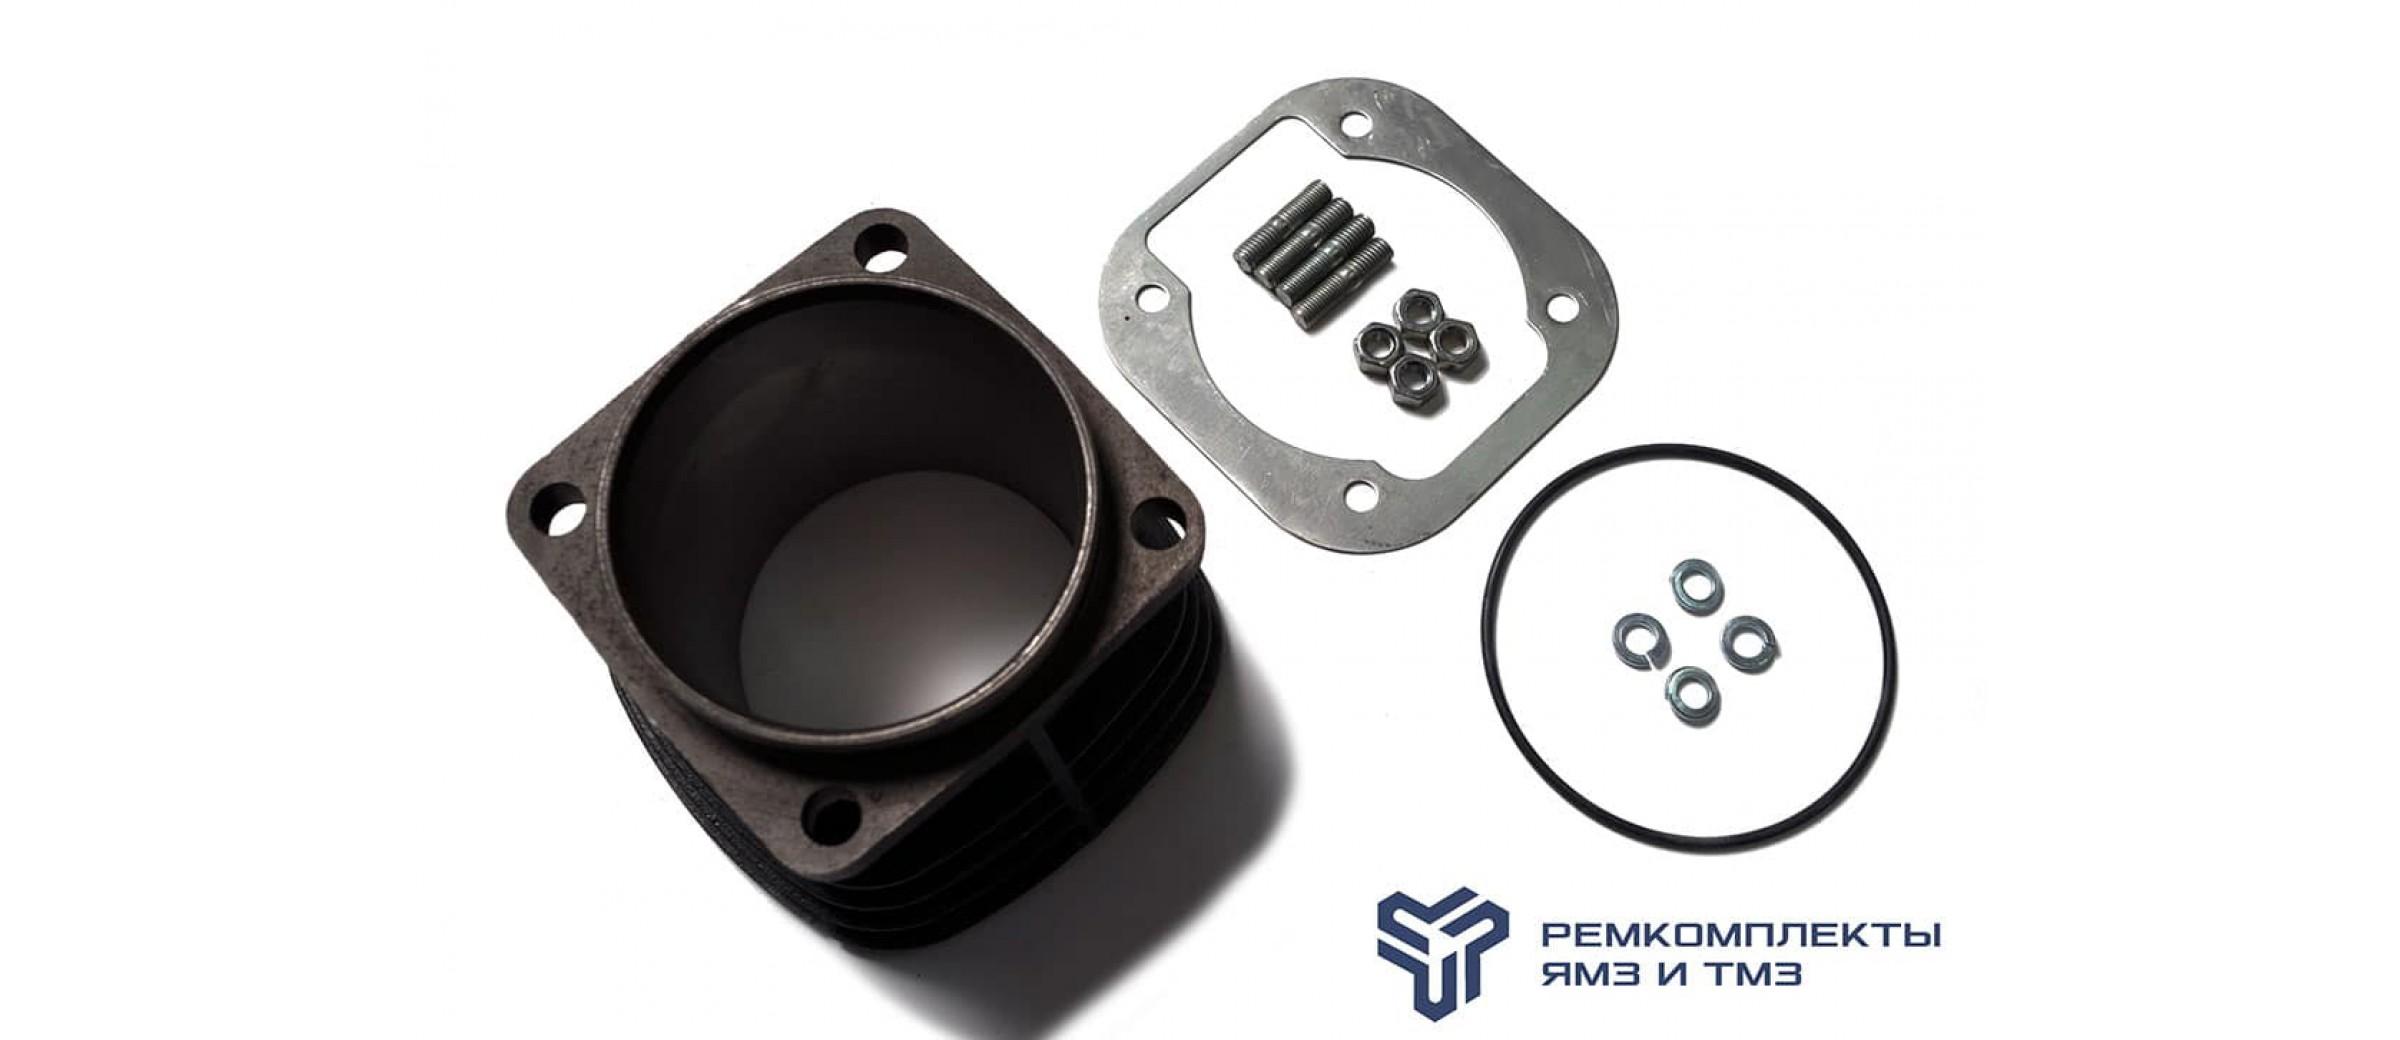 Ремкомплект для замены блока компрессора